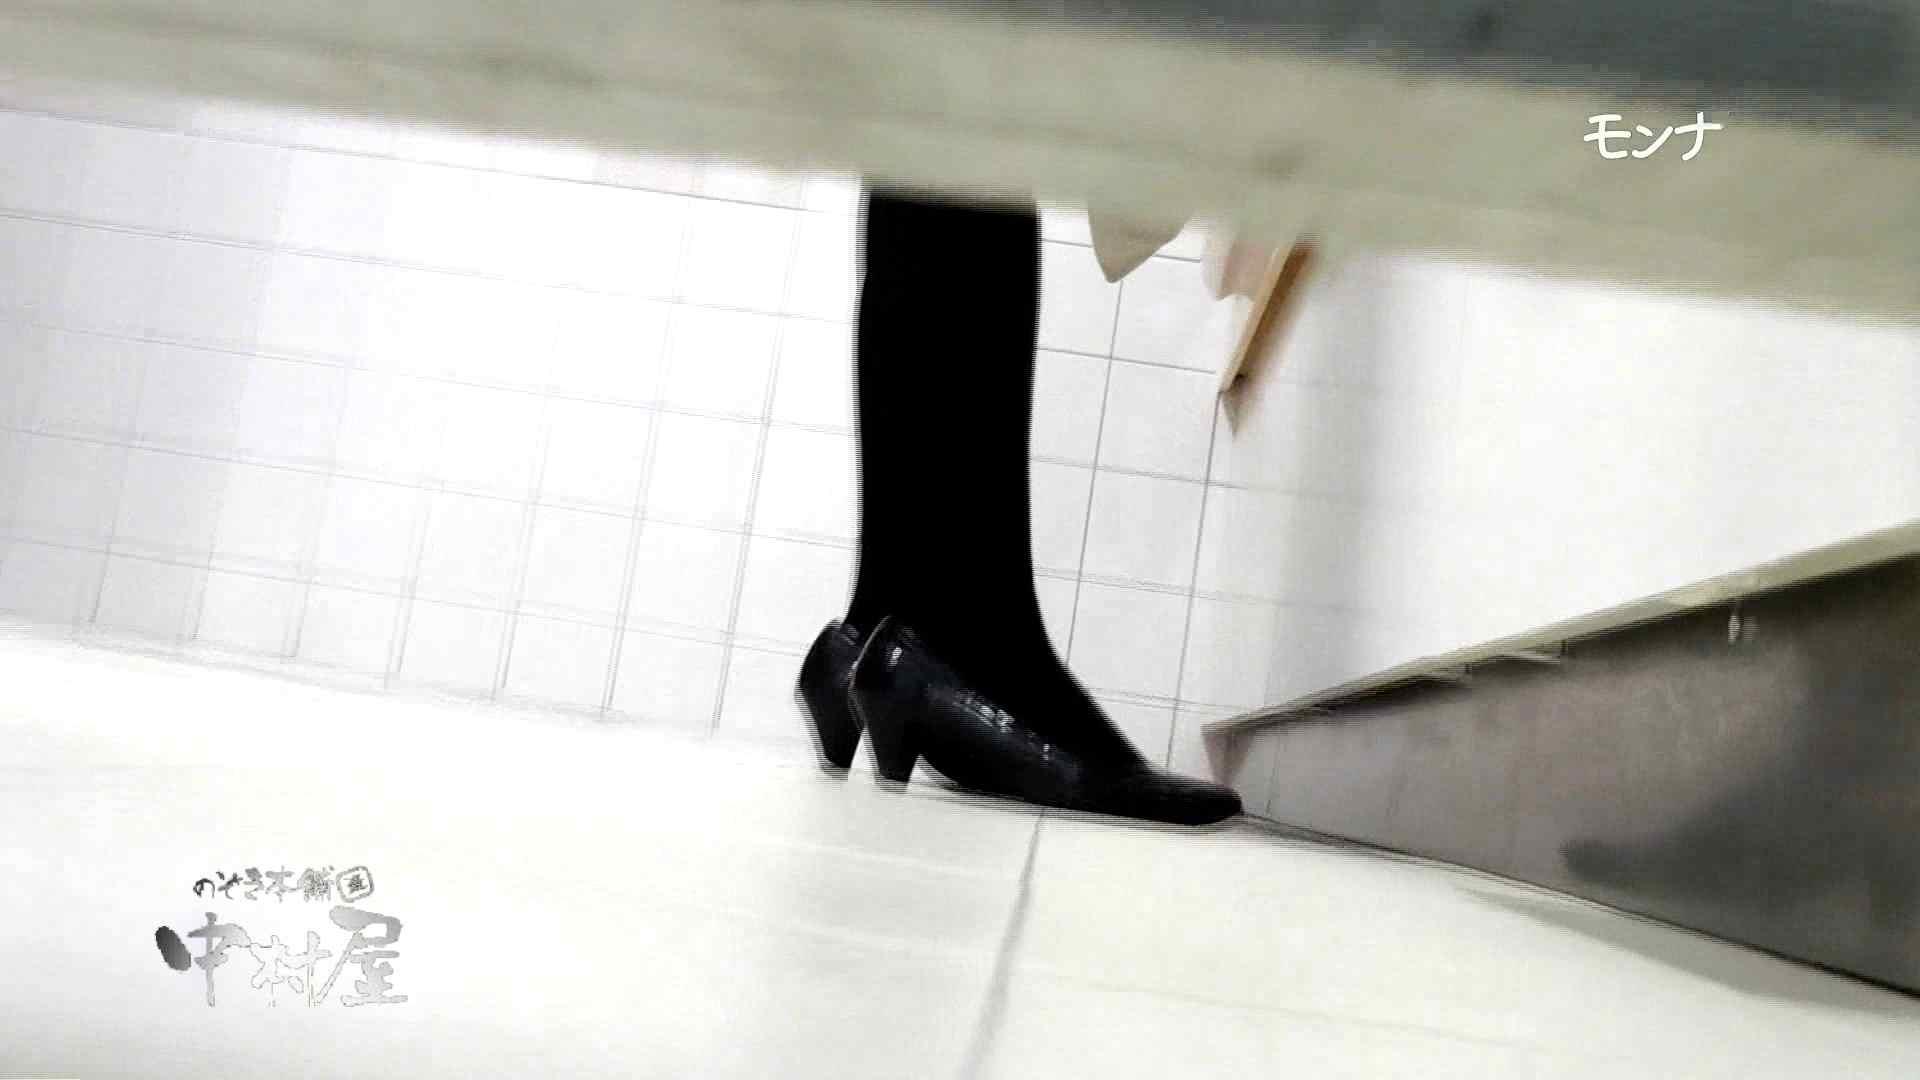 【美しい日本の未来】新学期!!下半身中心に攻めてます美女可愛い女子悪戯盗satuトイレ後編 美女 隠し撮りオマンコ動画紹介 82連発 10